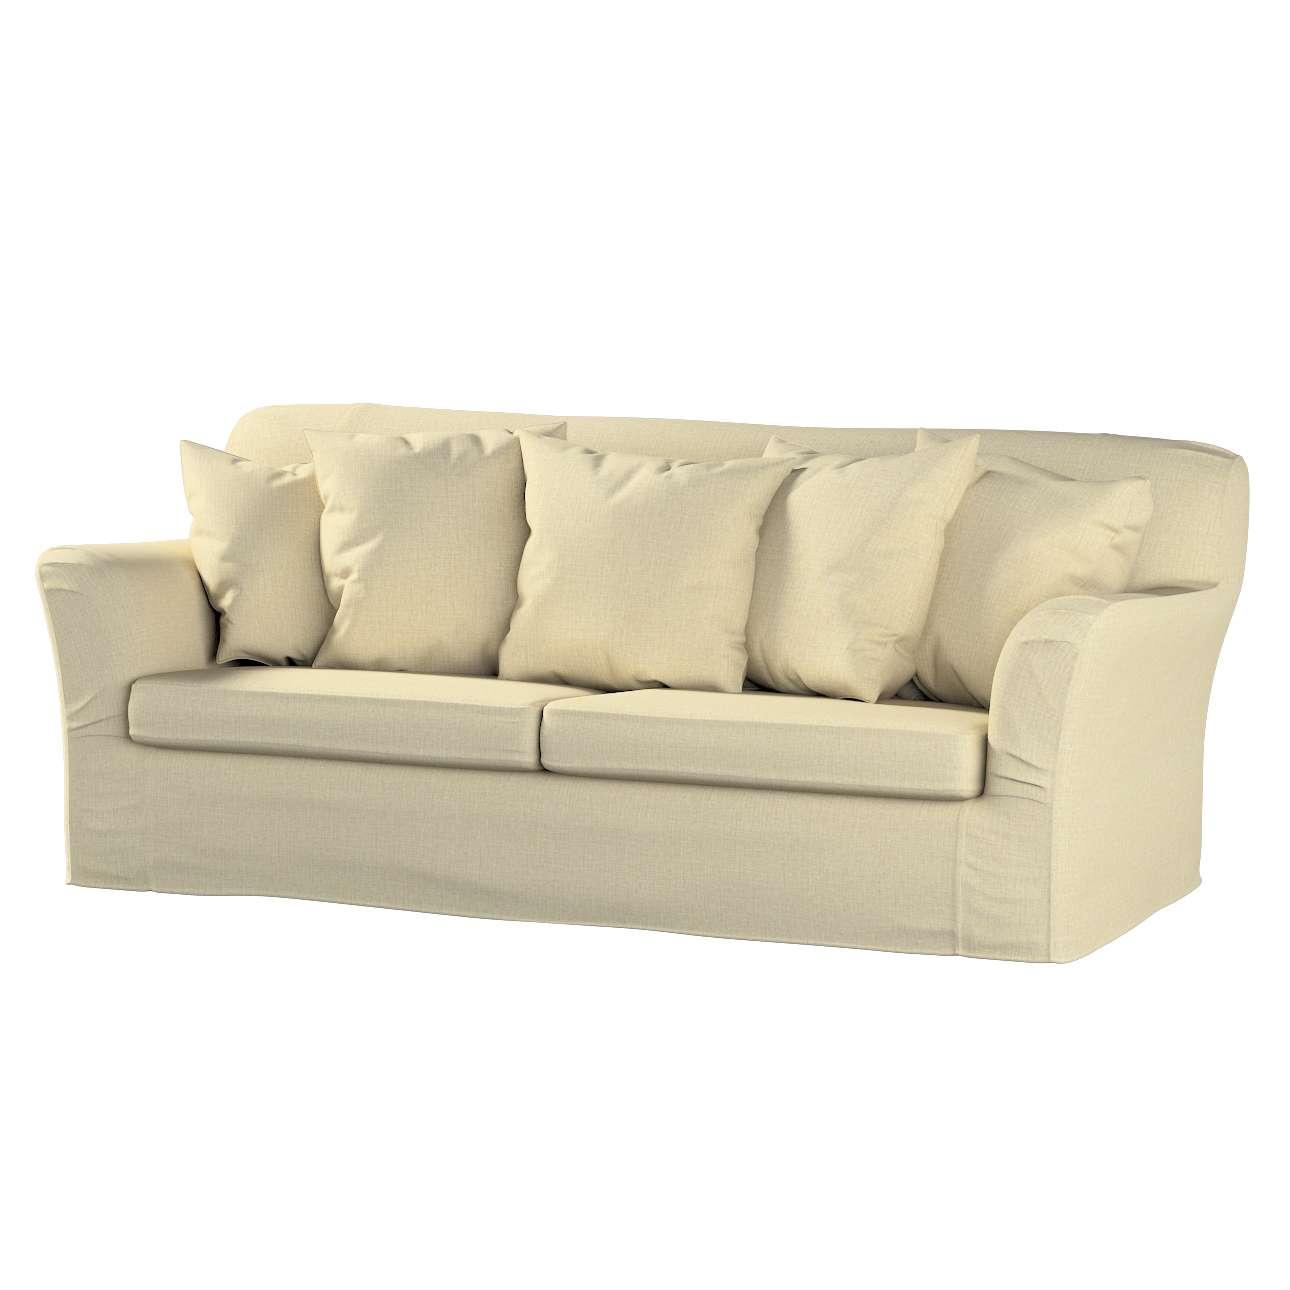 Pokrowiec na sofę Tomelilla 3-osobową rozkładaną w kolekcji Living, tkanina: 161-45